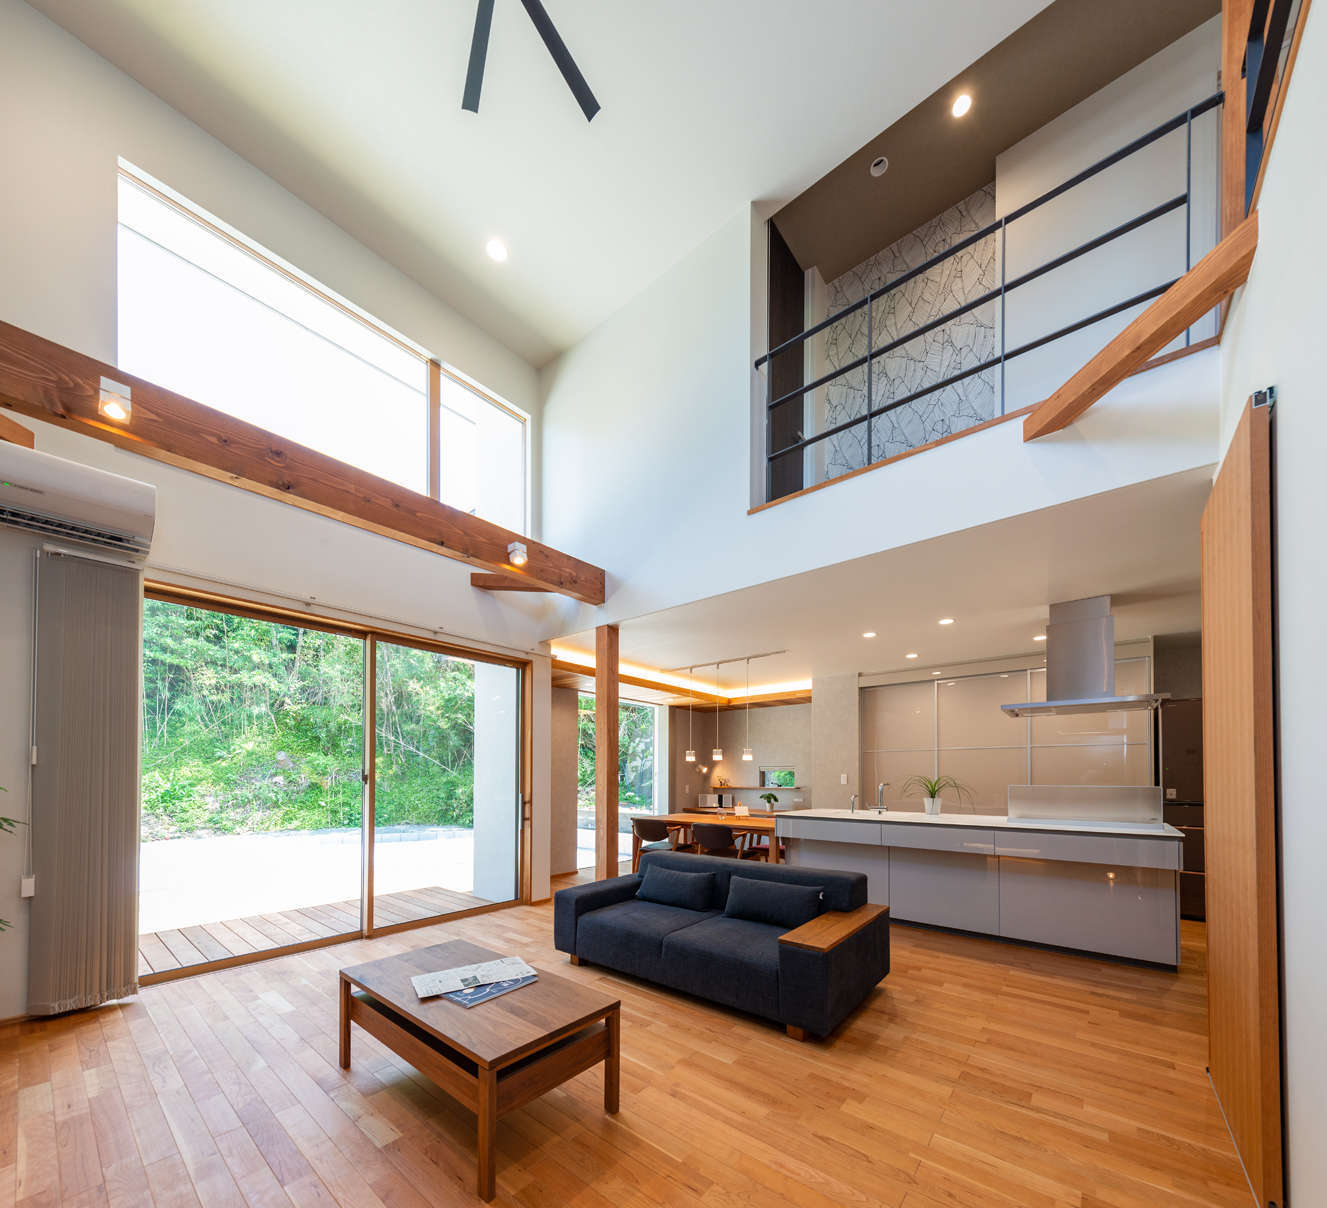 寿鉱業 ナーブの家【デザイン住宅、趣味、間取り】ブラックチェリーの床が心地よさを感じさせるLDK。床暖房を採用し、冬でも足元からぽかぽかの暖かさ。ダイニングキッチンの天井高をあえて低めにしたことで、リビングの吹抜けがいっそうダイナミックで開放的に感じられる